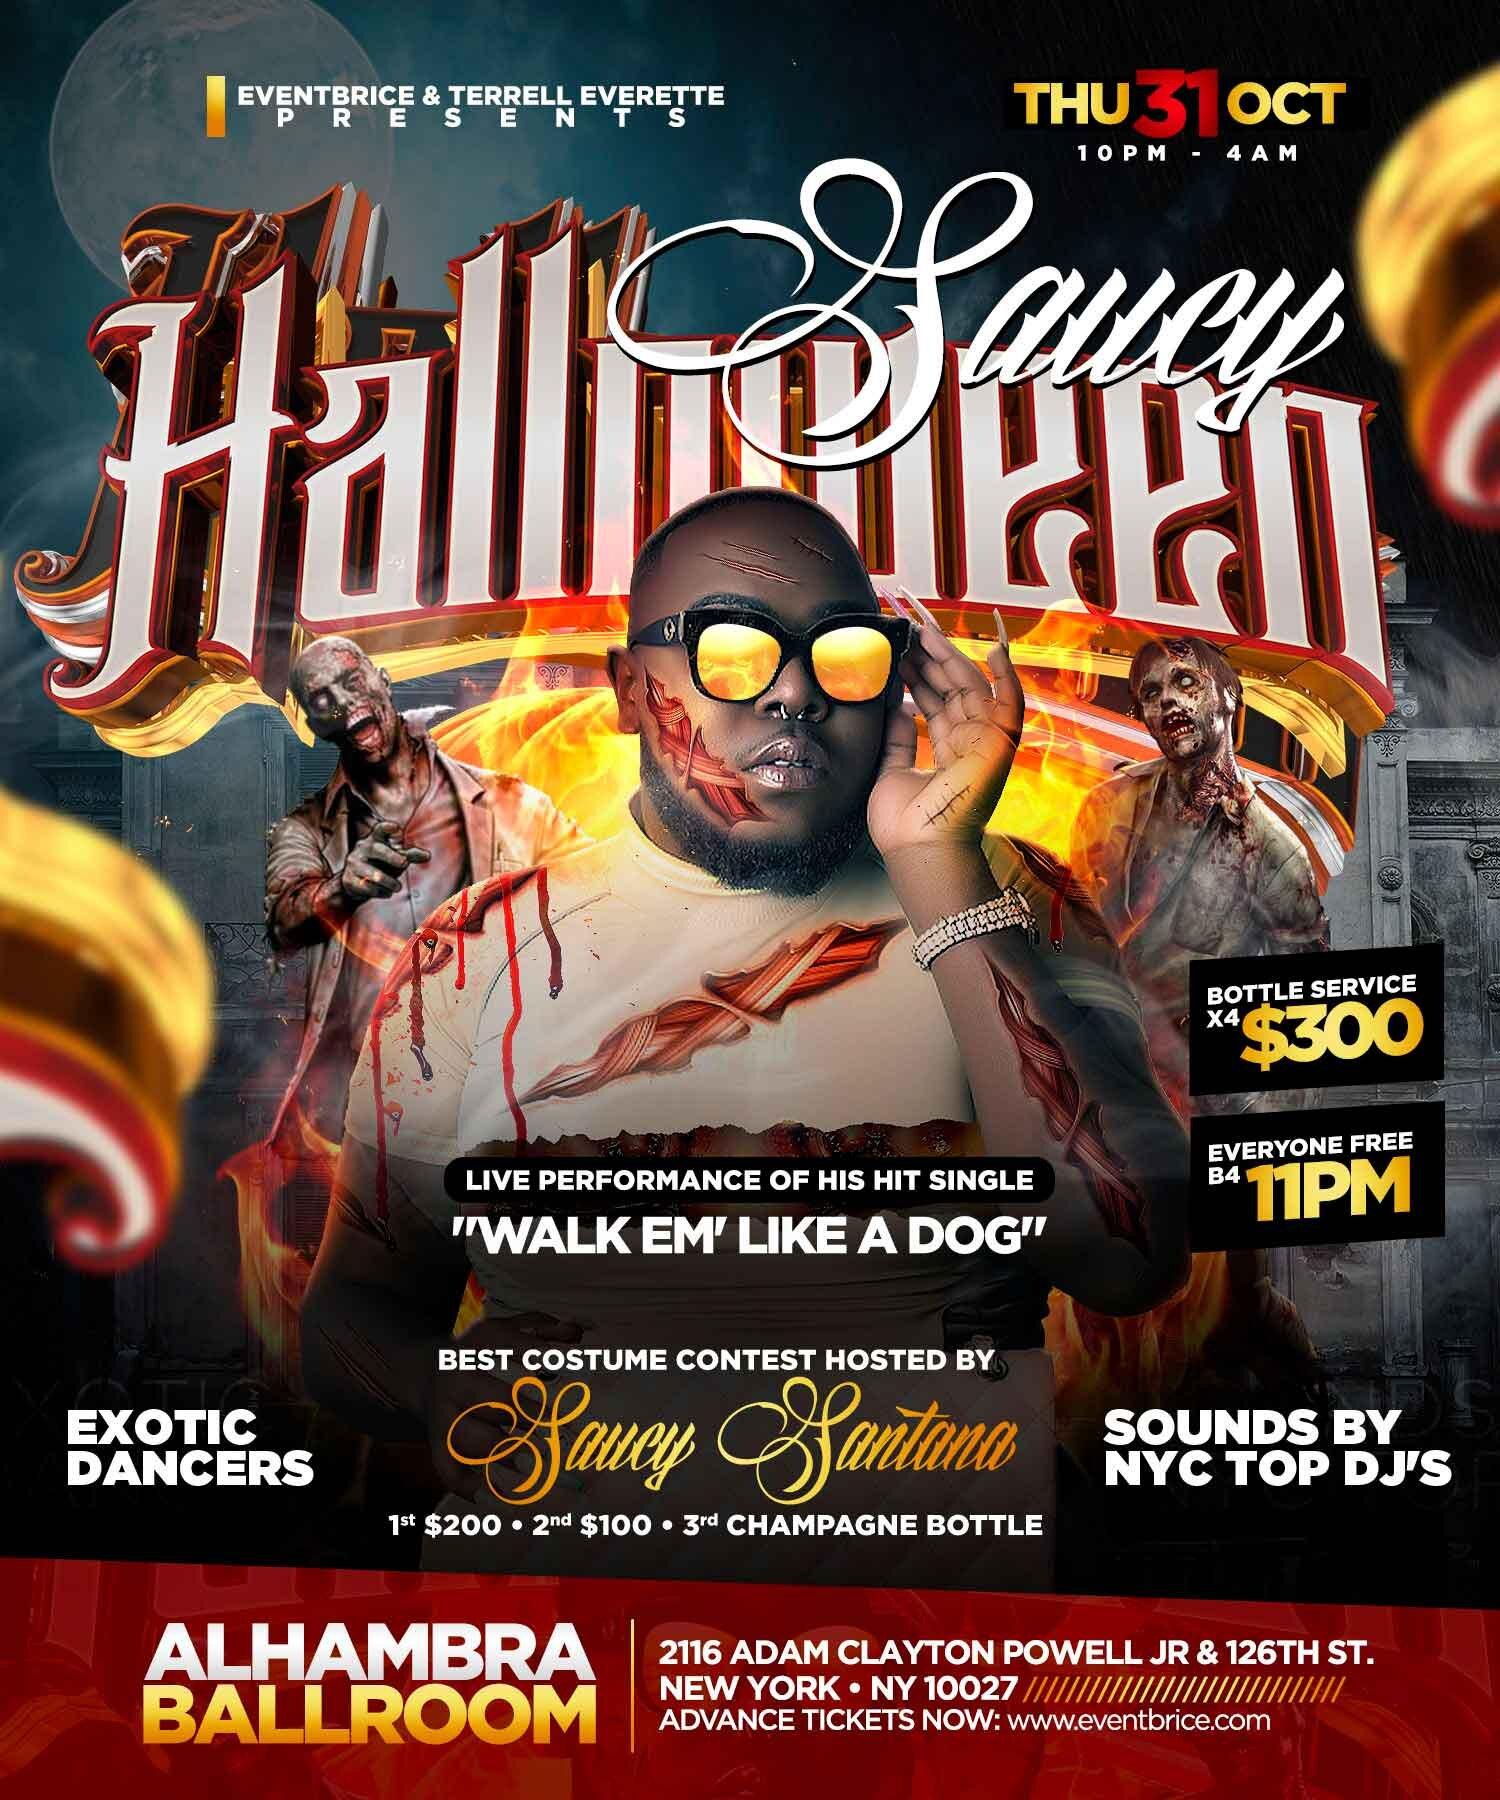 Saucy-Halloween-Flyer.jpg